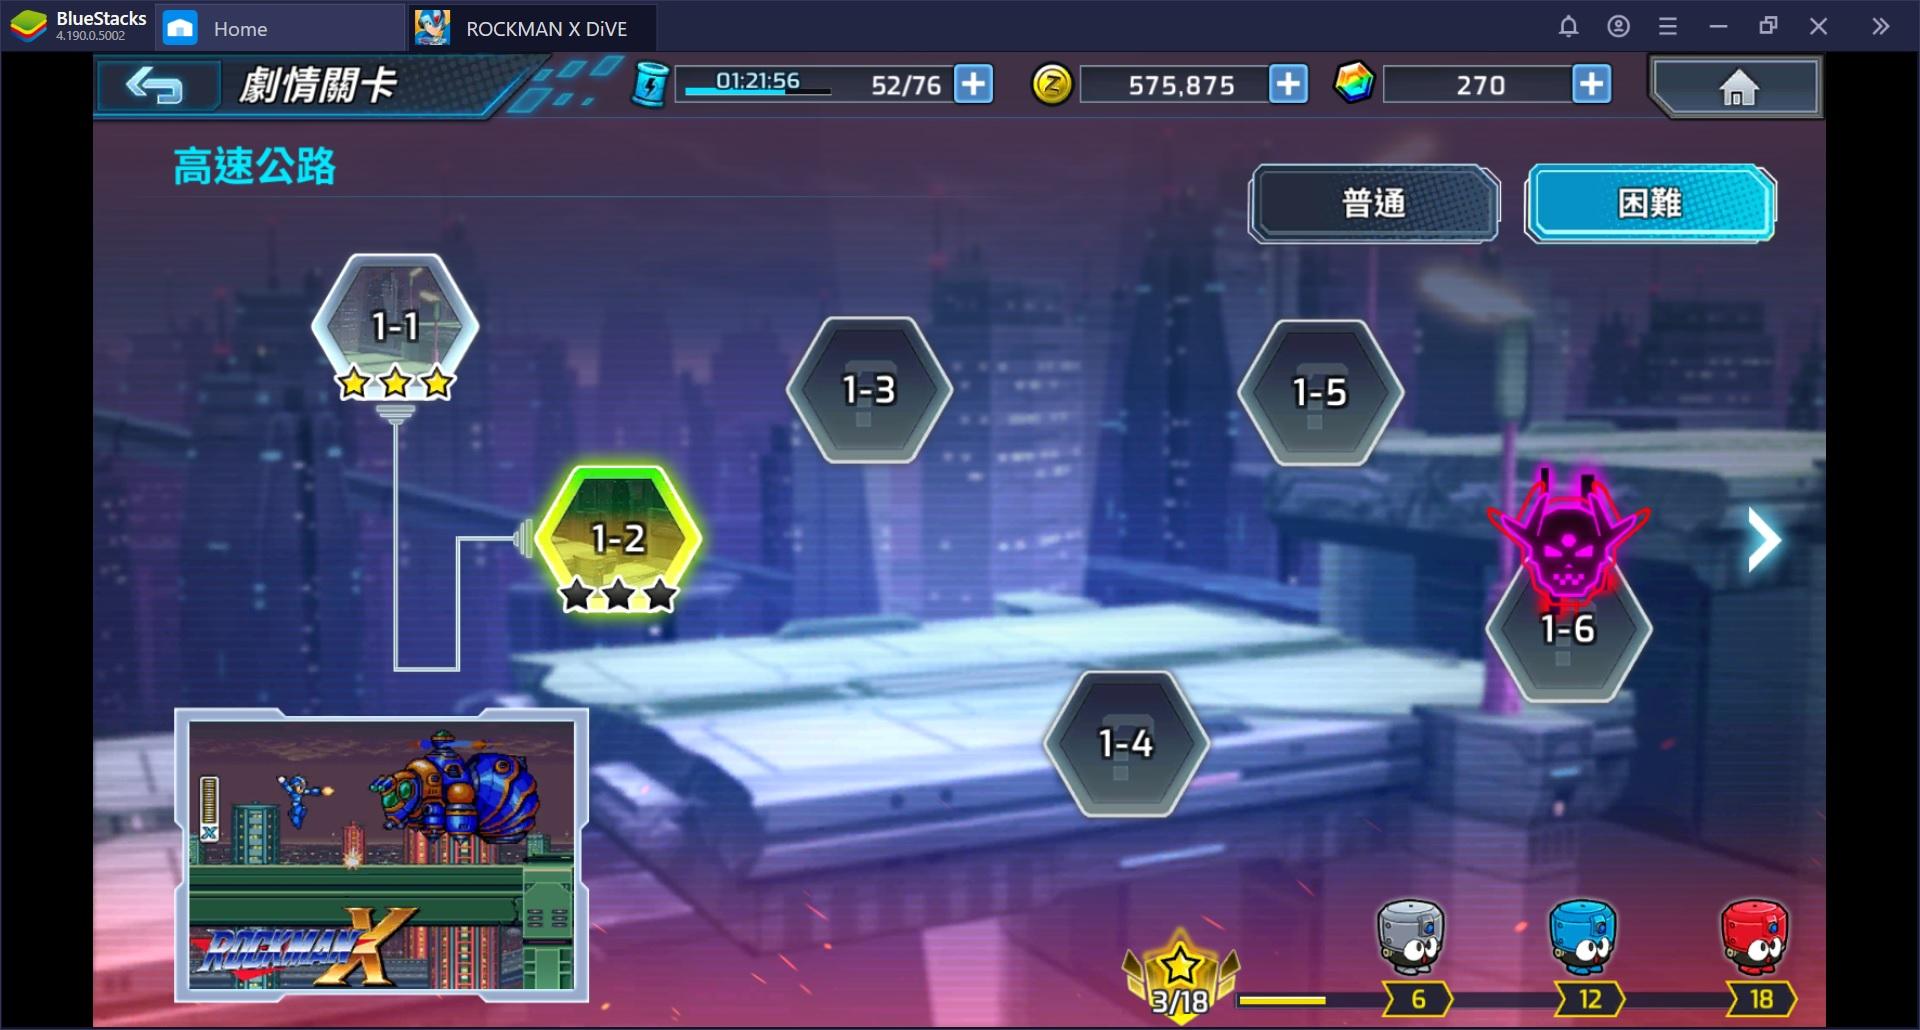 使用BlueStacks在電腦上體驗橫向動作RPG手游《洛克人 X DiVE》